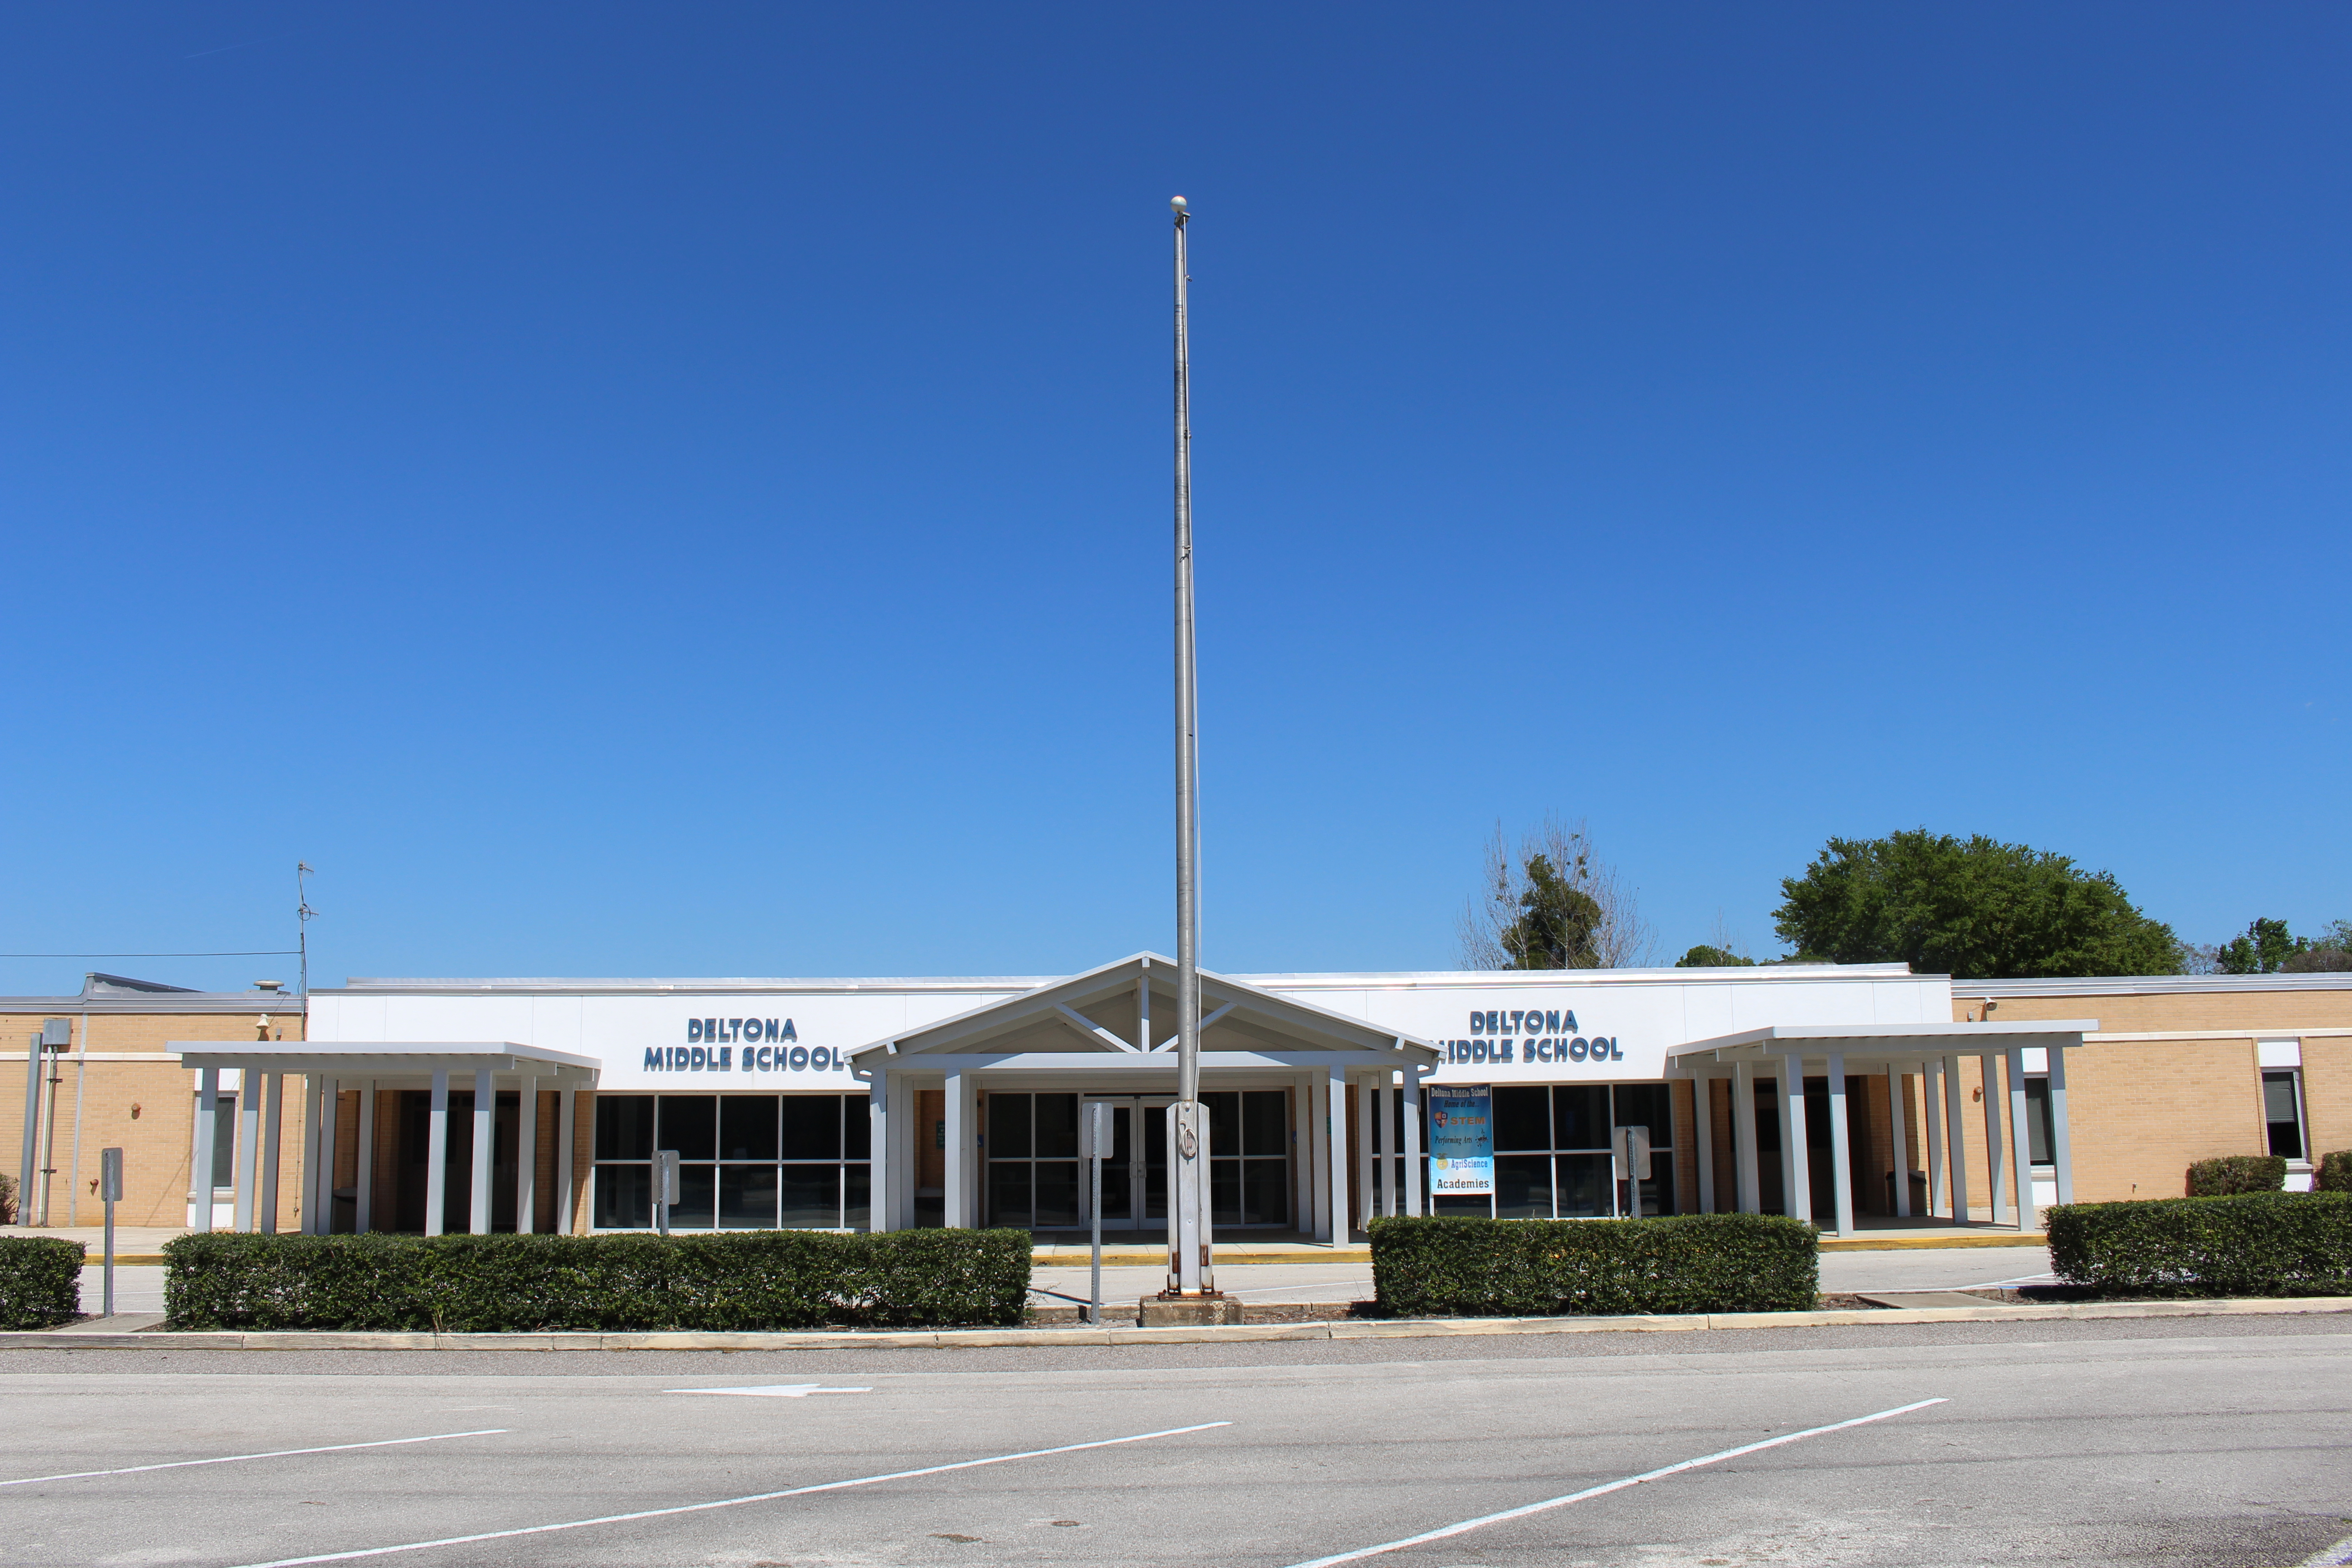 File:Deltona Middle School.jpg - Wikimedia Commons